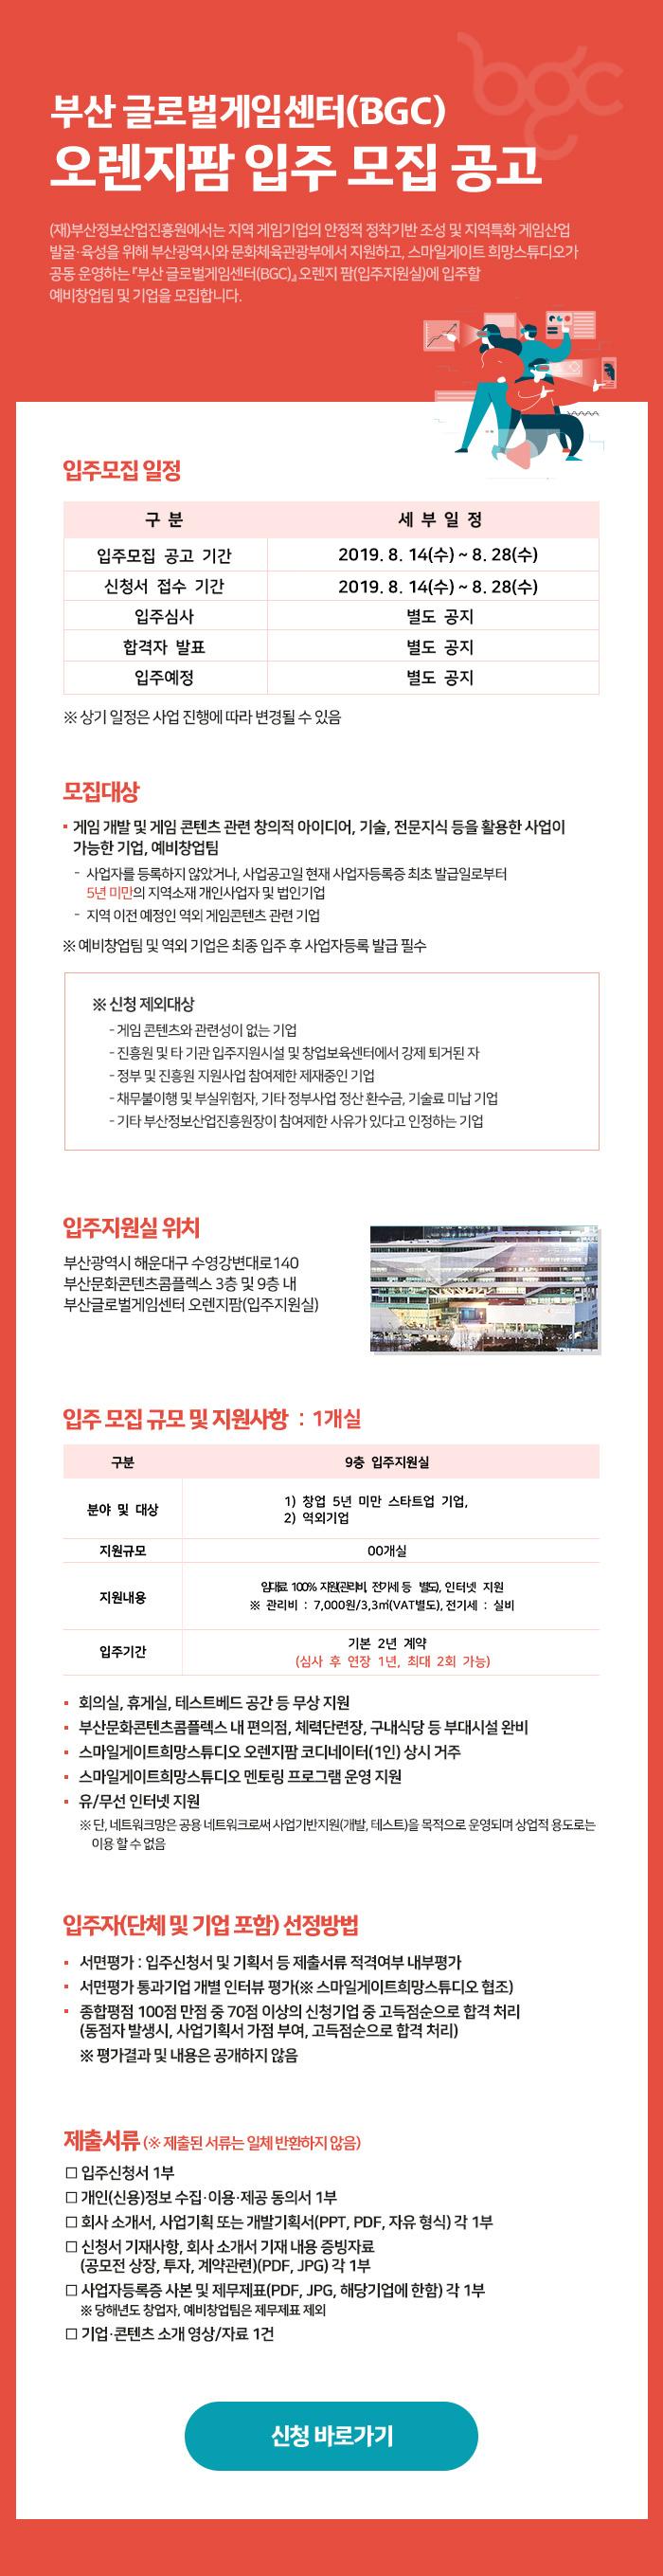 부산글로벌게임센터(BGC) 오렌지팜 입주 모집 공고